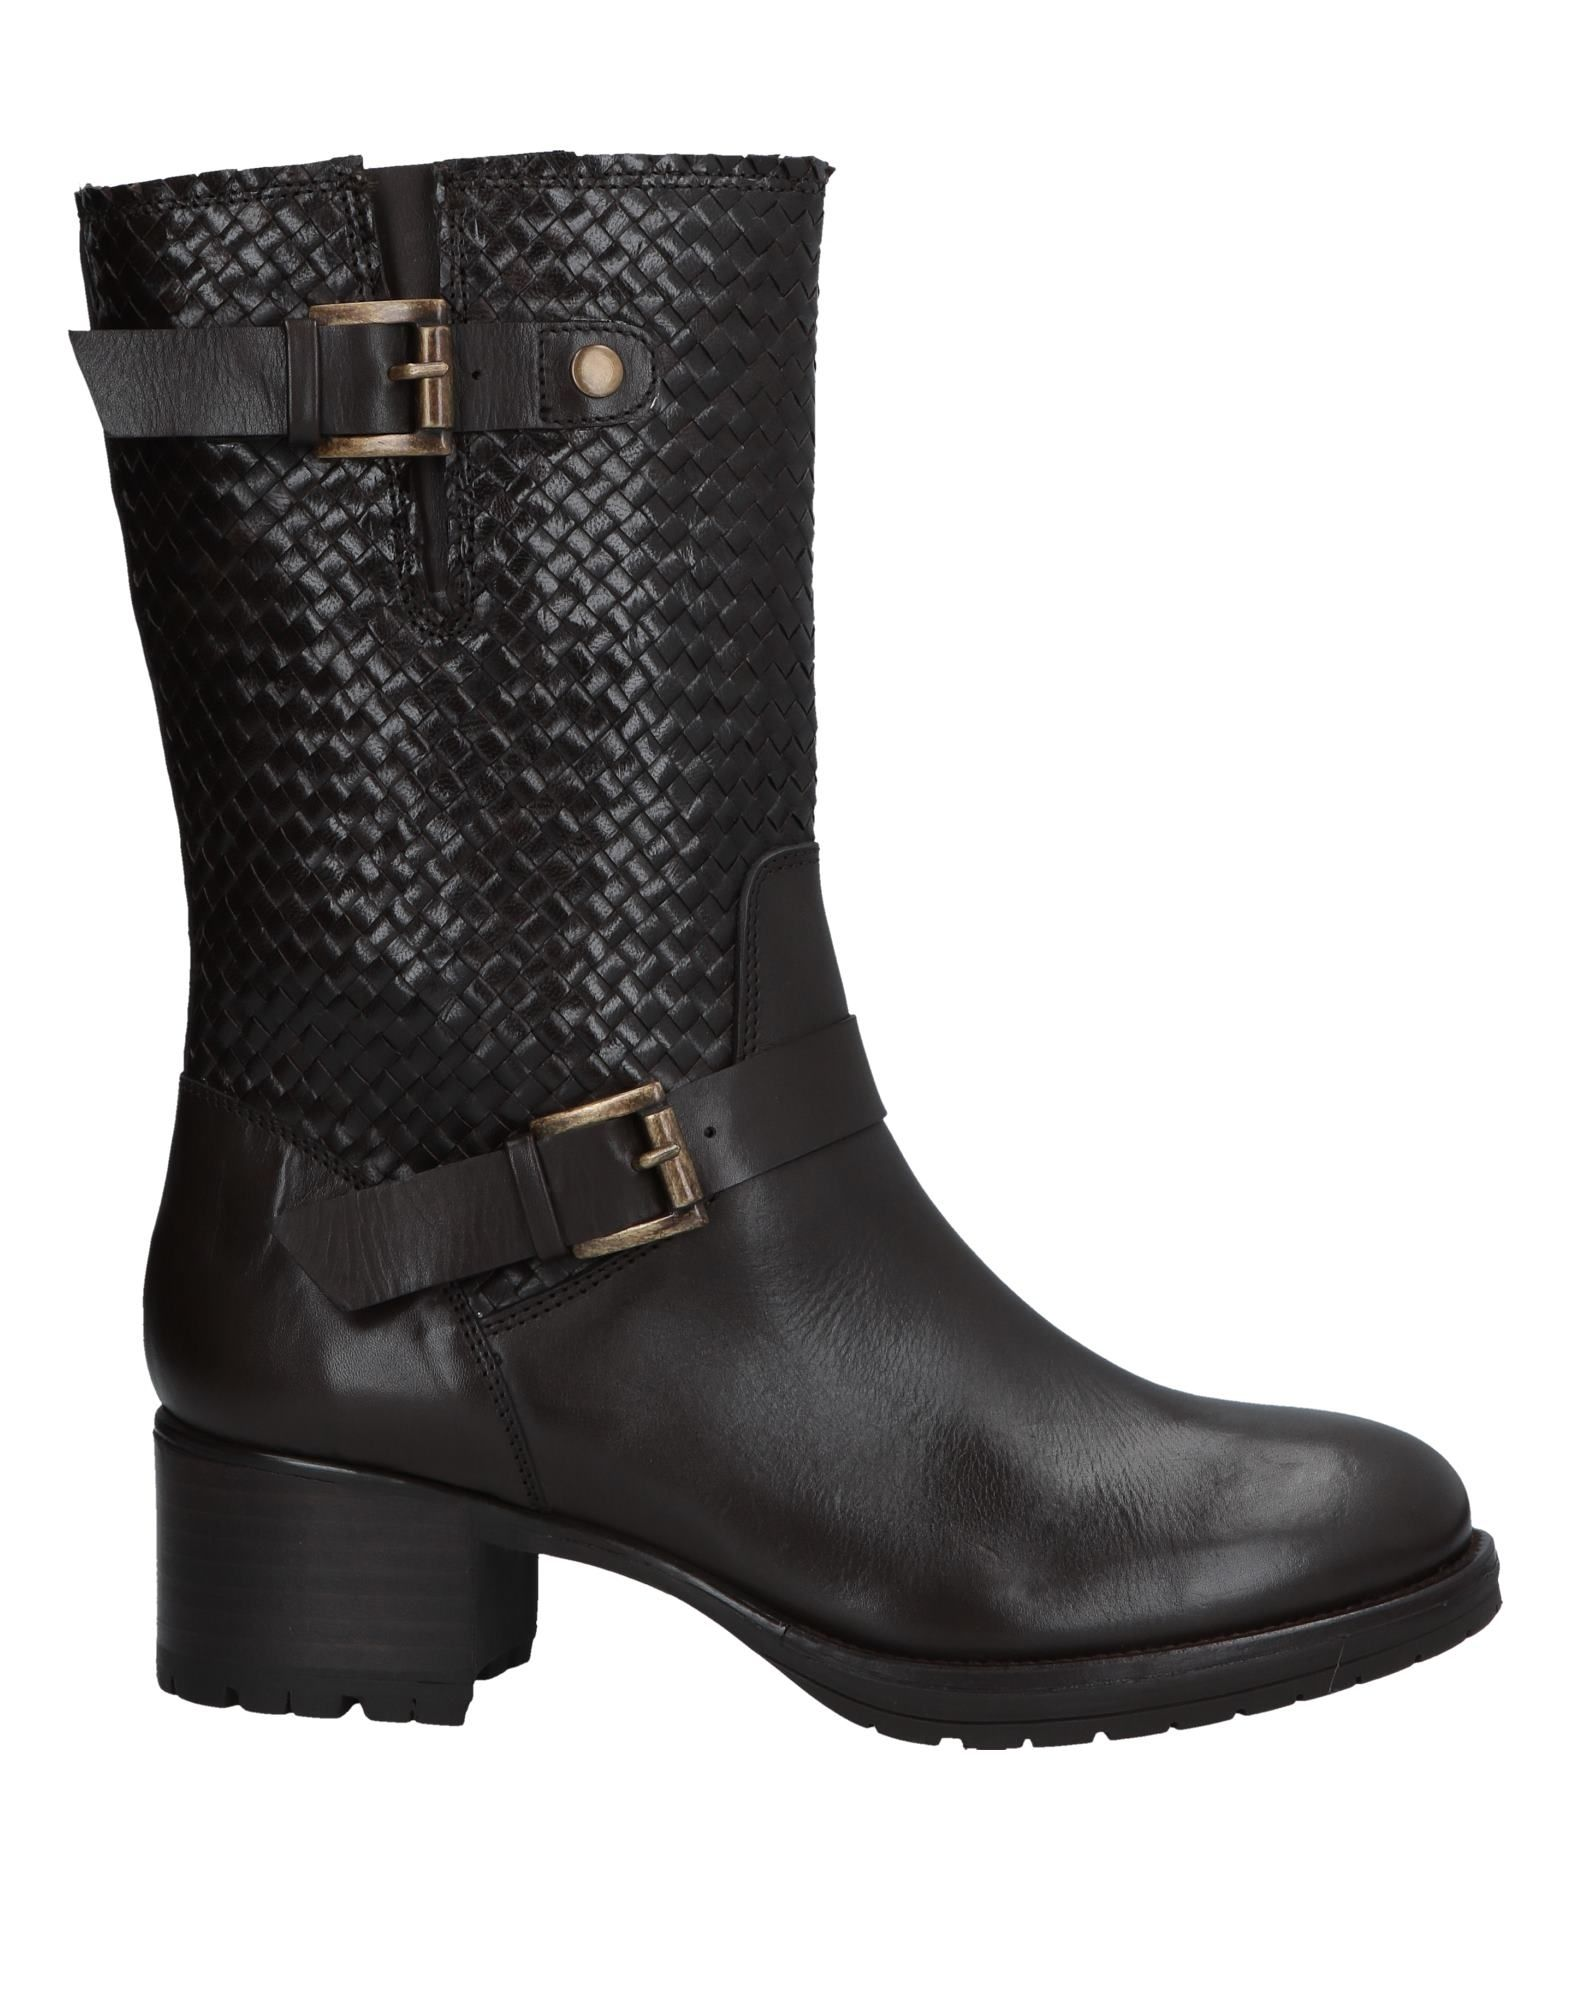 Stilvolle billige Stiefelette Schuhe Pons Quintana Stiefelette billige Damen  11555940DH b6bc96